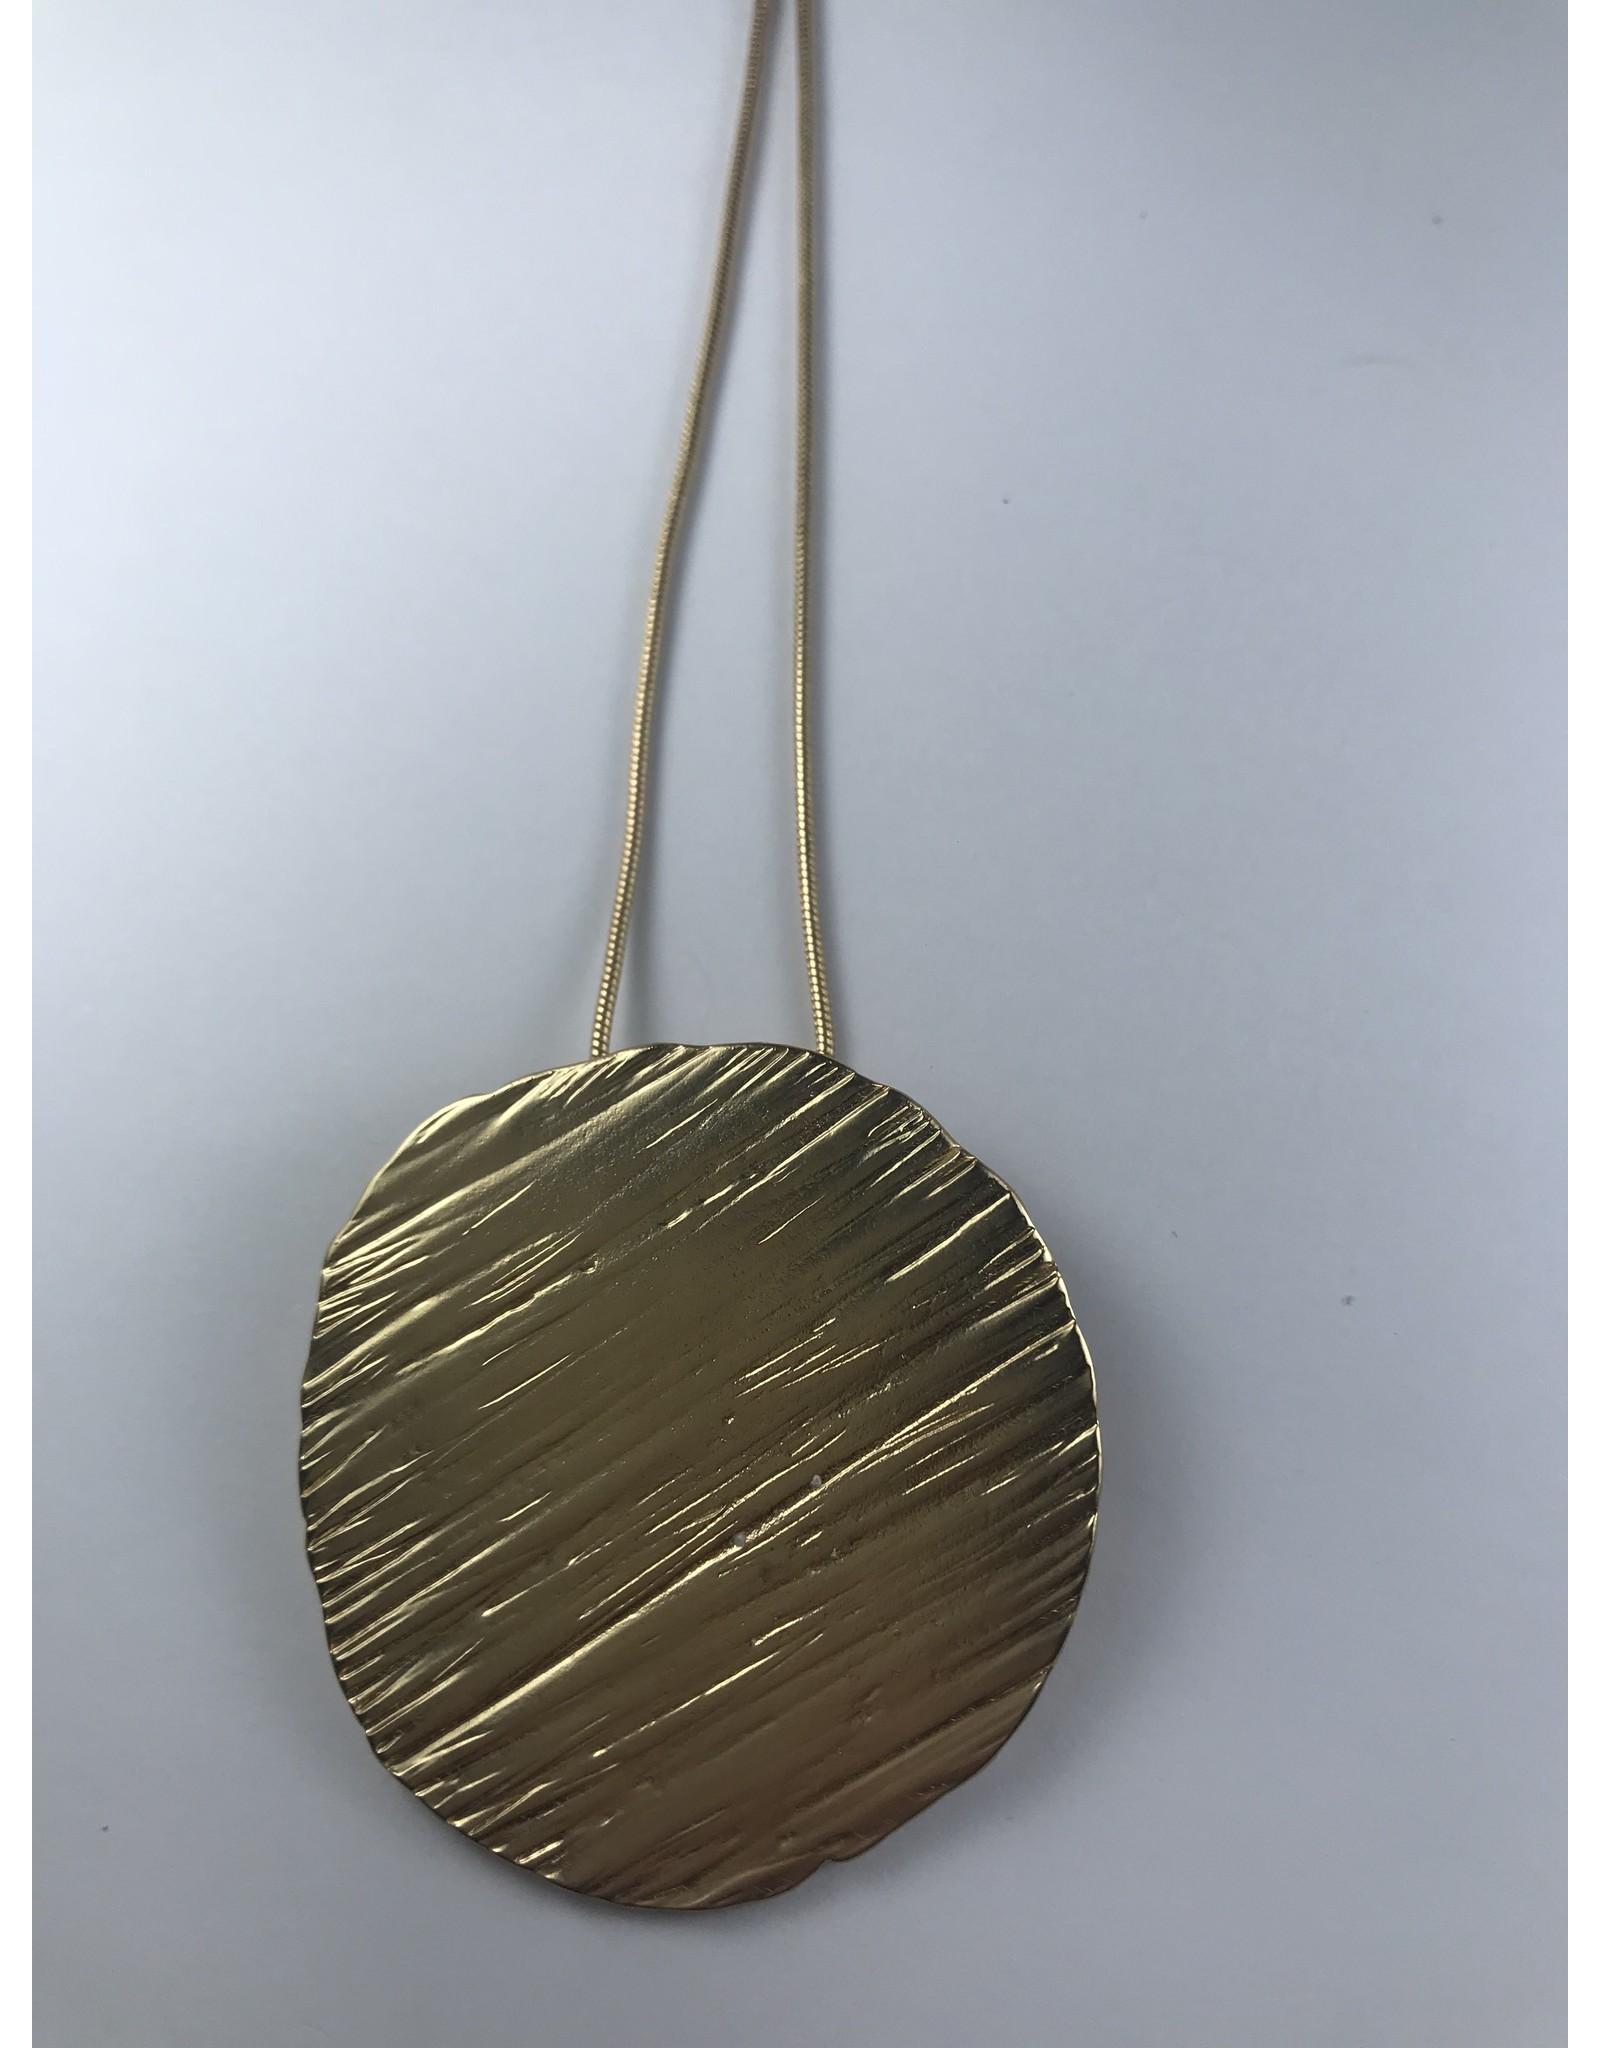 Axxes-Soir lange goudkleurige ketting - met grote ronde plaat